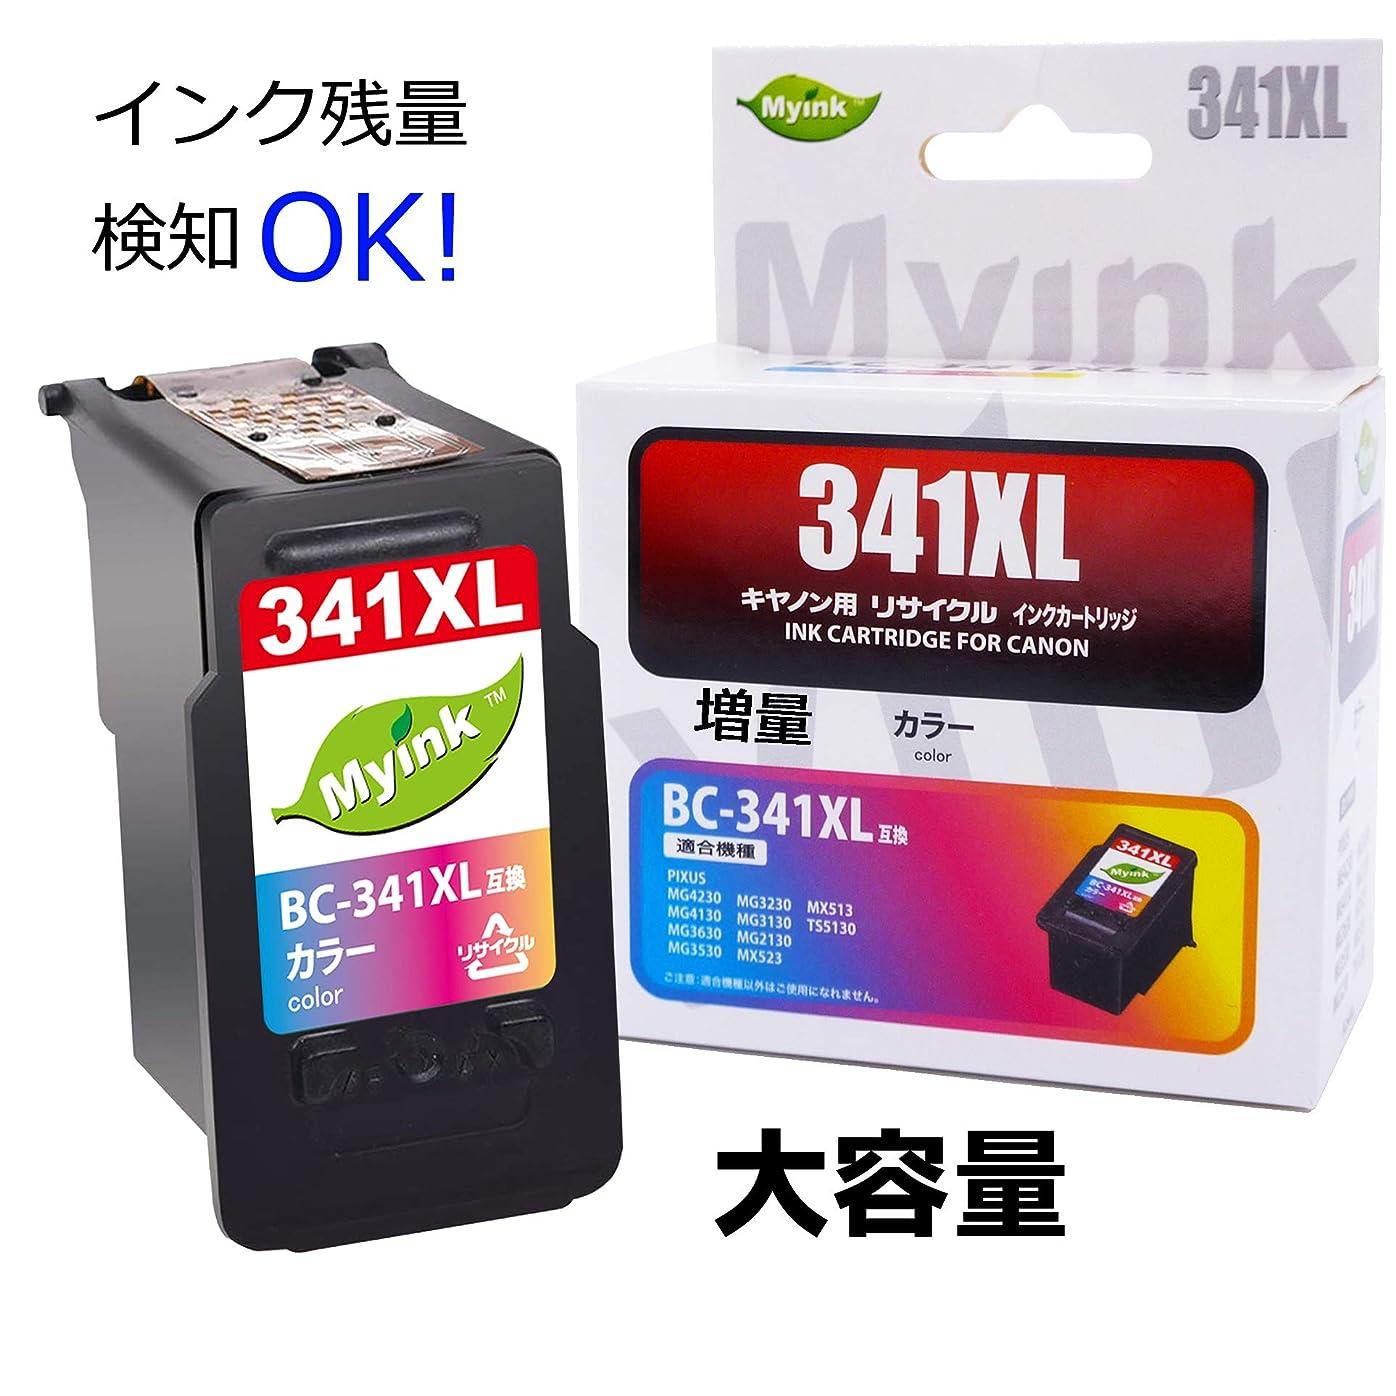 ハウジングハロウィン領事館Myink インクカートリッジ <Canon(キヤノン) BC-341XL 3色カラー 大容量タイプ インク残量検知可能 再生インク> リサイクルインクカートリッジ [PIXUS TS5130/MG4230/MG4130/MG3630/MG3530/MG3230/MG3130/MG2130/MX523/MX513対応]【国際規格ISO9001品質】